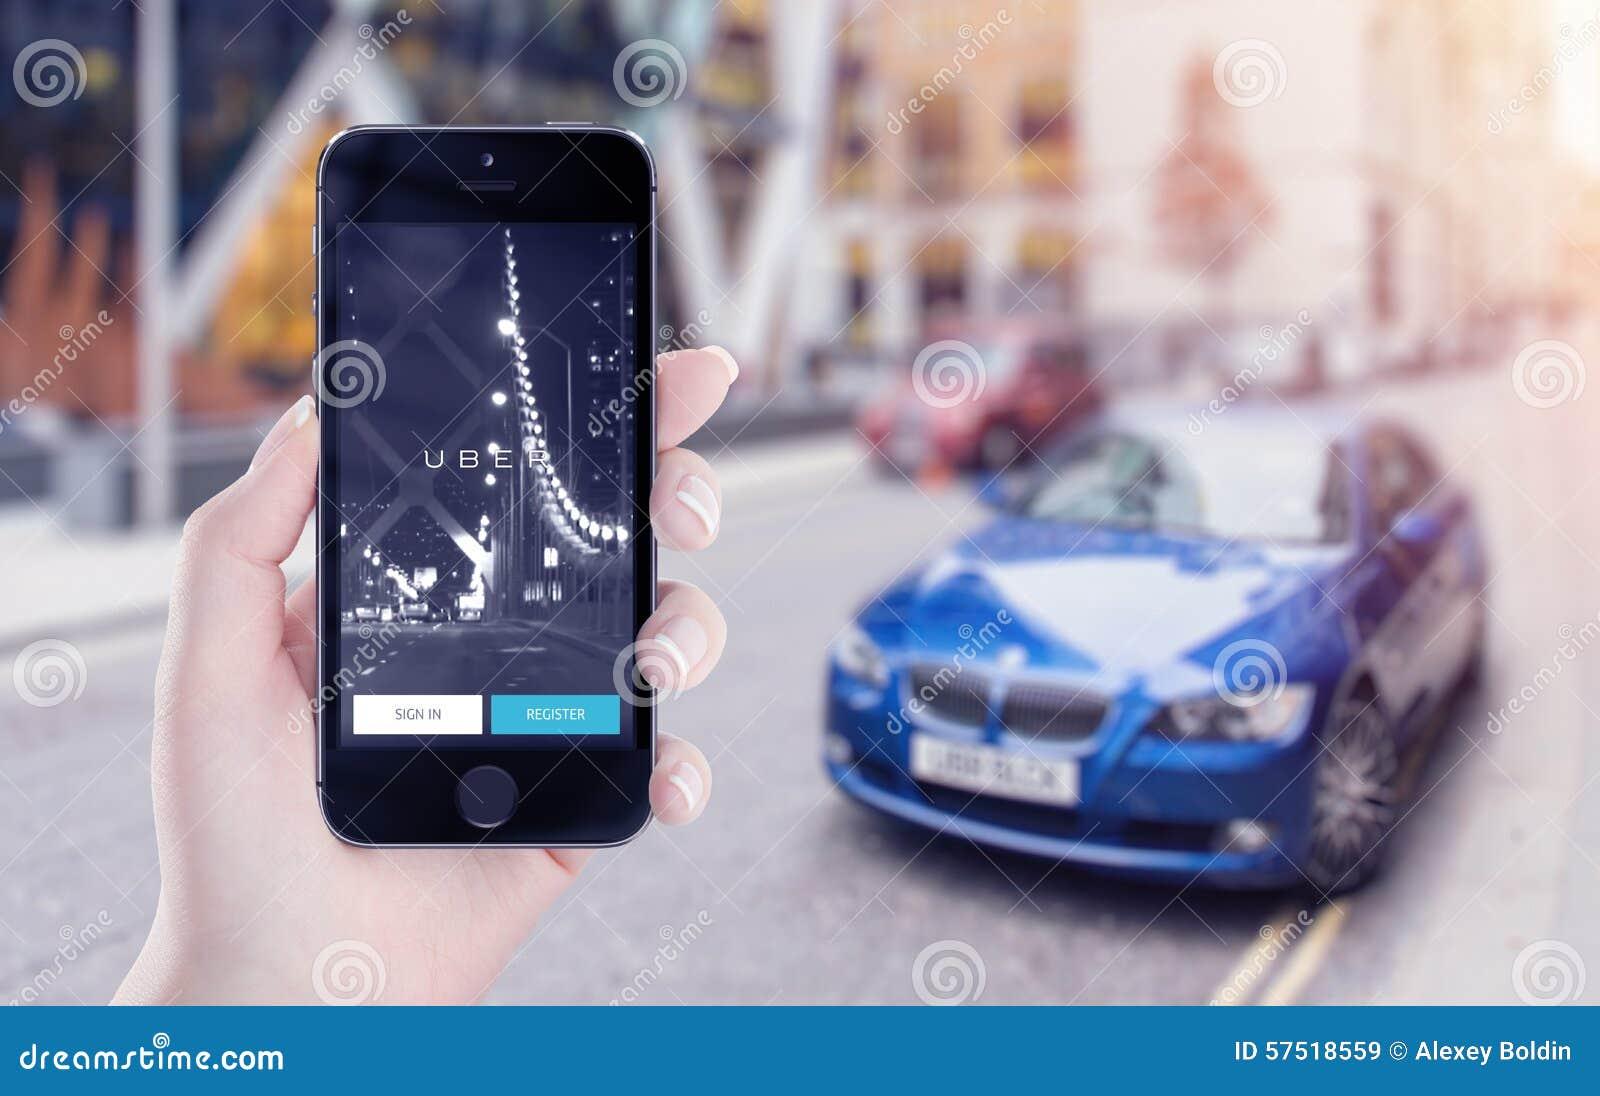 Uber podaniowy rozpoczęcie na Jabłczanym iPhone pokazie w żeńskiej ręce